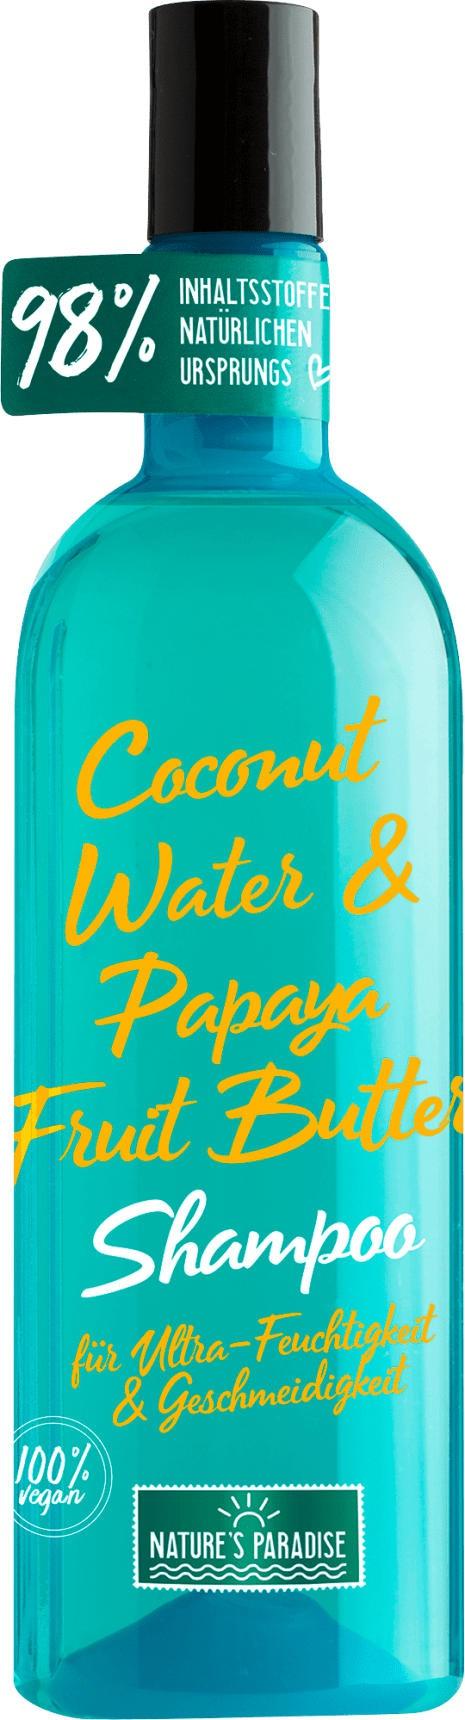 Nature's Paradise Shampoo Feuchtigkeit Und Geschmeidigkeit Coconut & Papaya